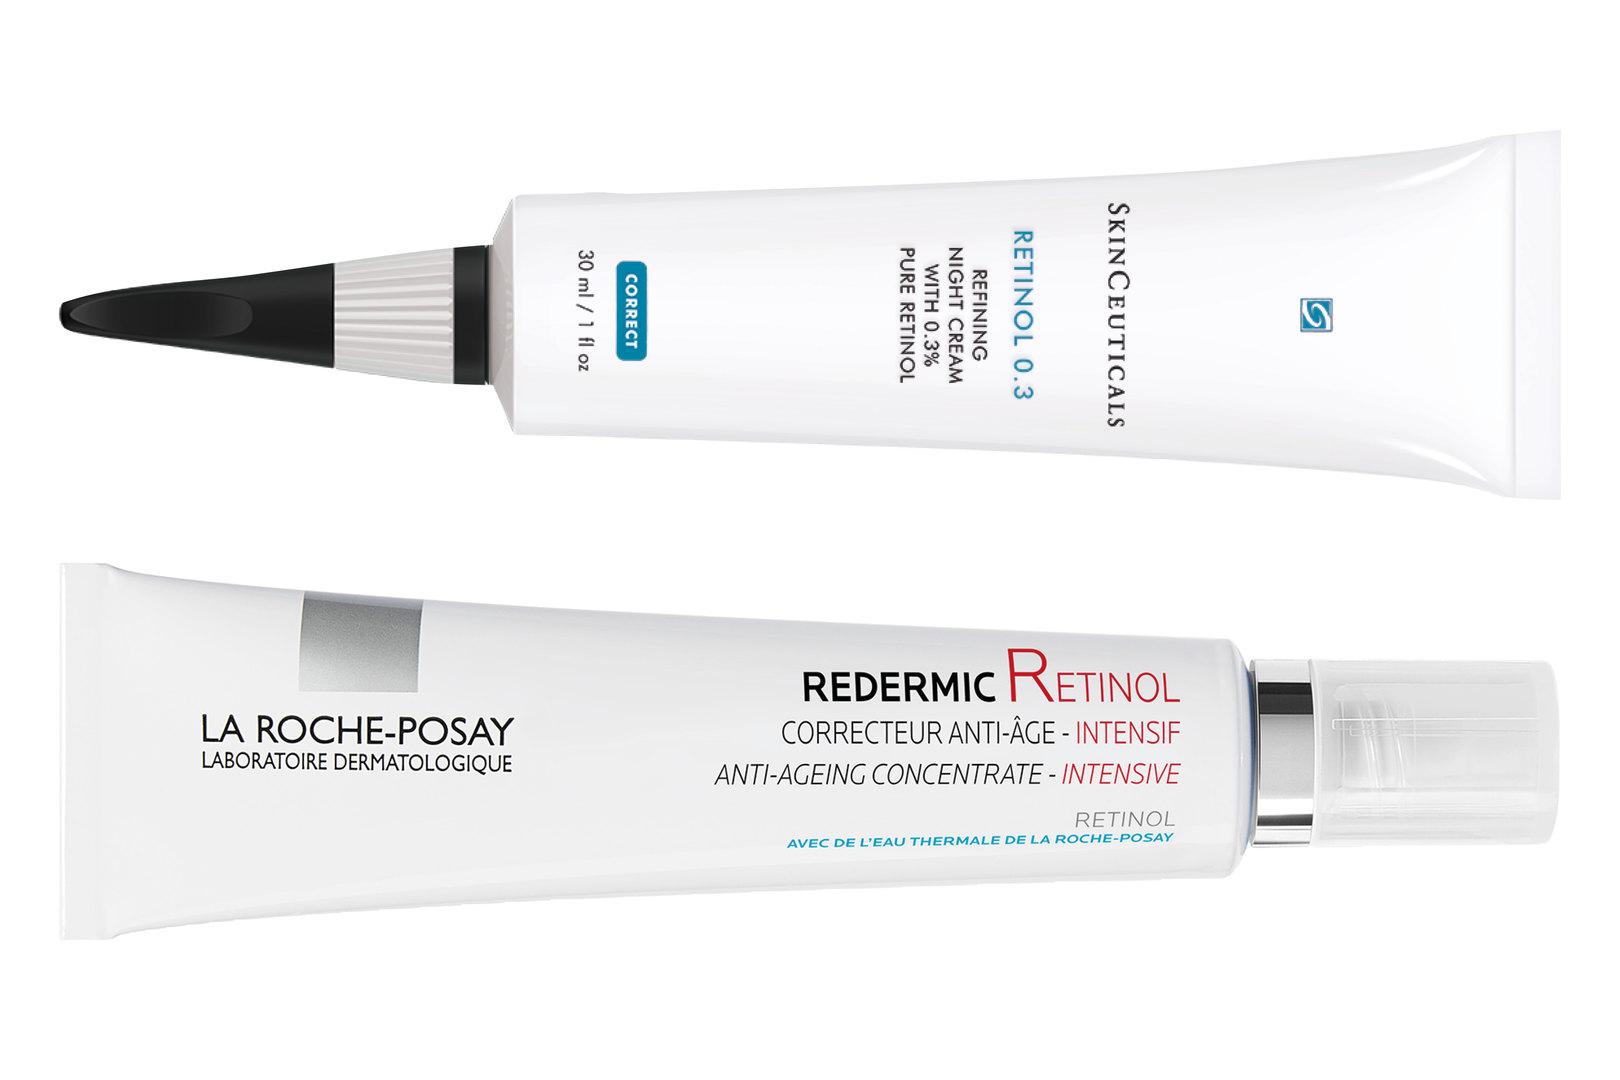 Высокоэффективный ночной крем-уход сретинолом RETINOL 0.3, SkinCeuticals;  Интенсивный концентрированный антивозрастной уход c чистым ретинолом иретинолом последовательного высвобождения Redermic Retinol, La Roche-Posay